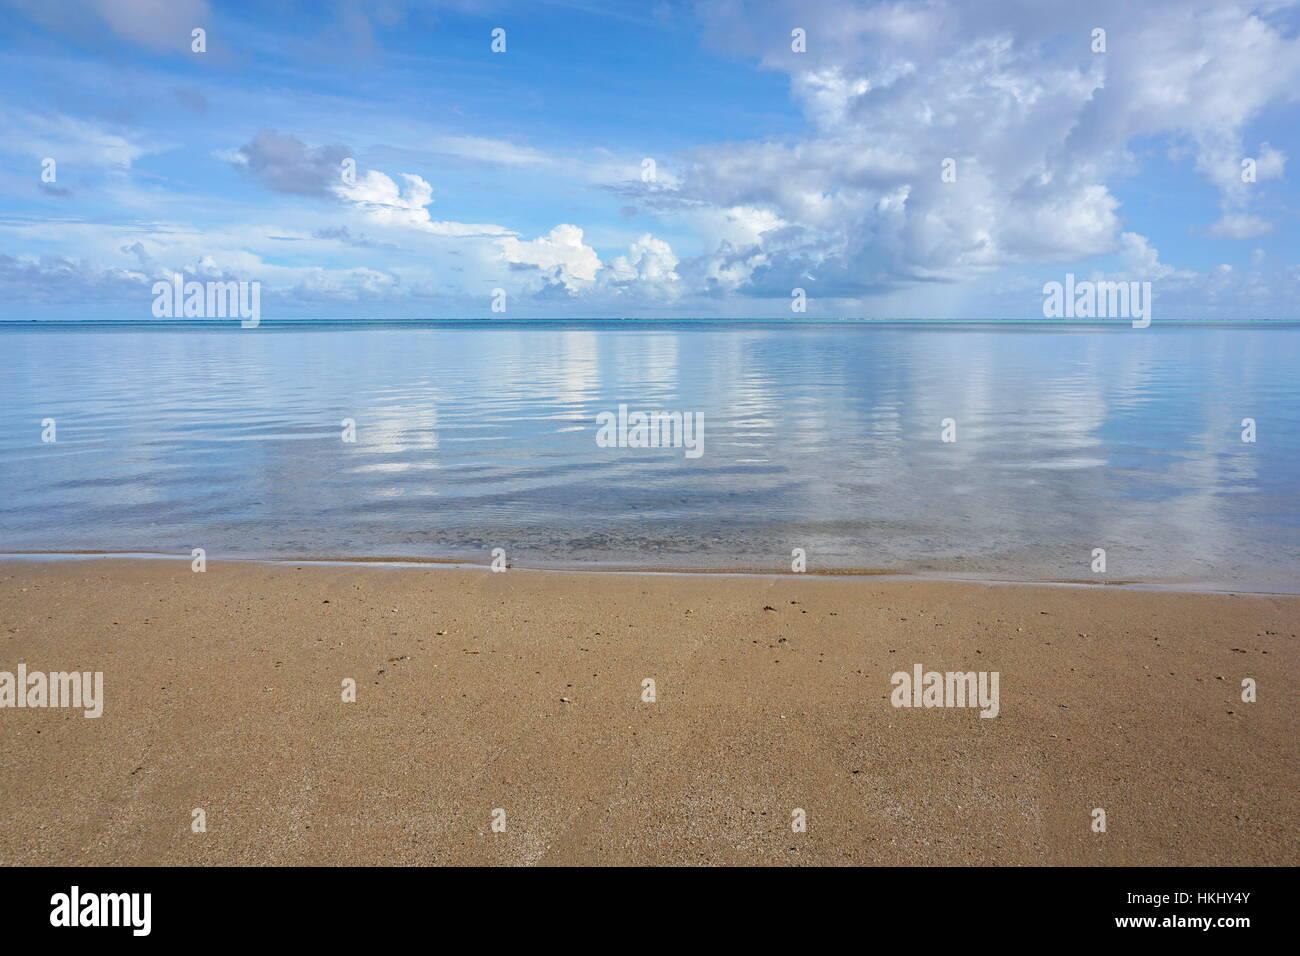 Friedliche Seelandschaft Horizont mit Strandsand im Vordergrund und ruhige Wasseroberfläche von der Lagune Stockbild